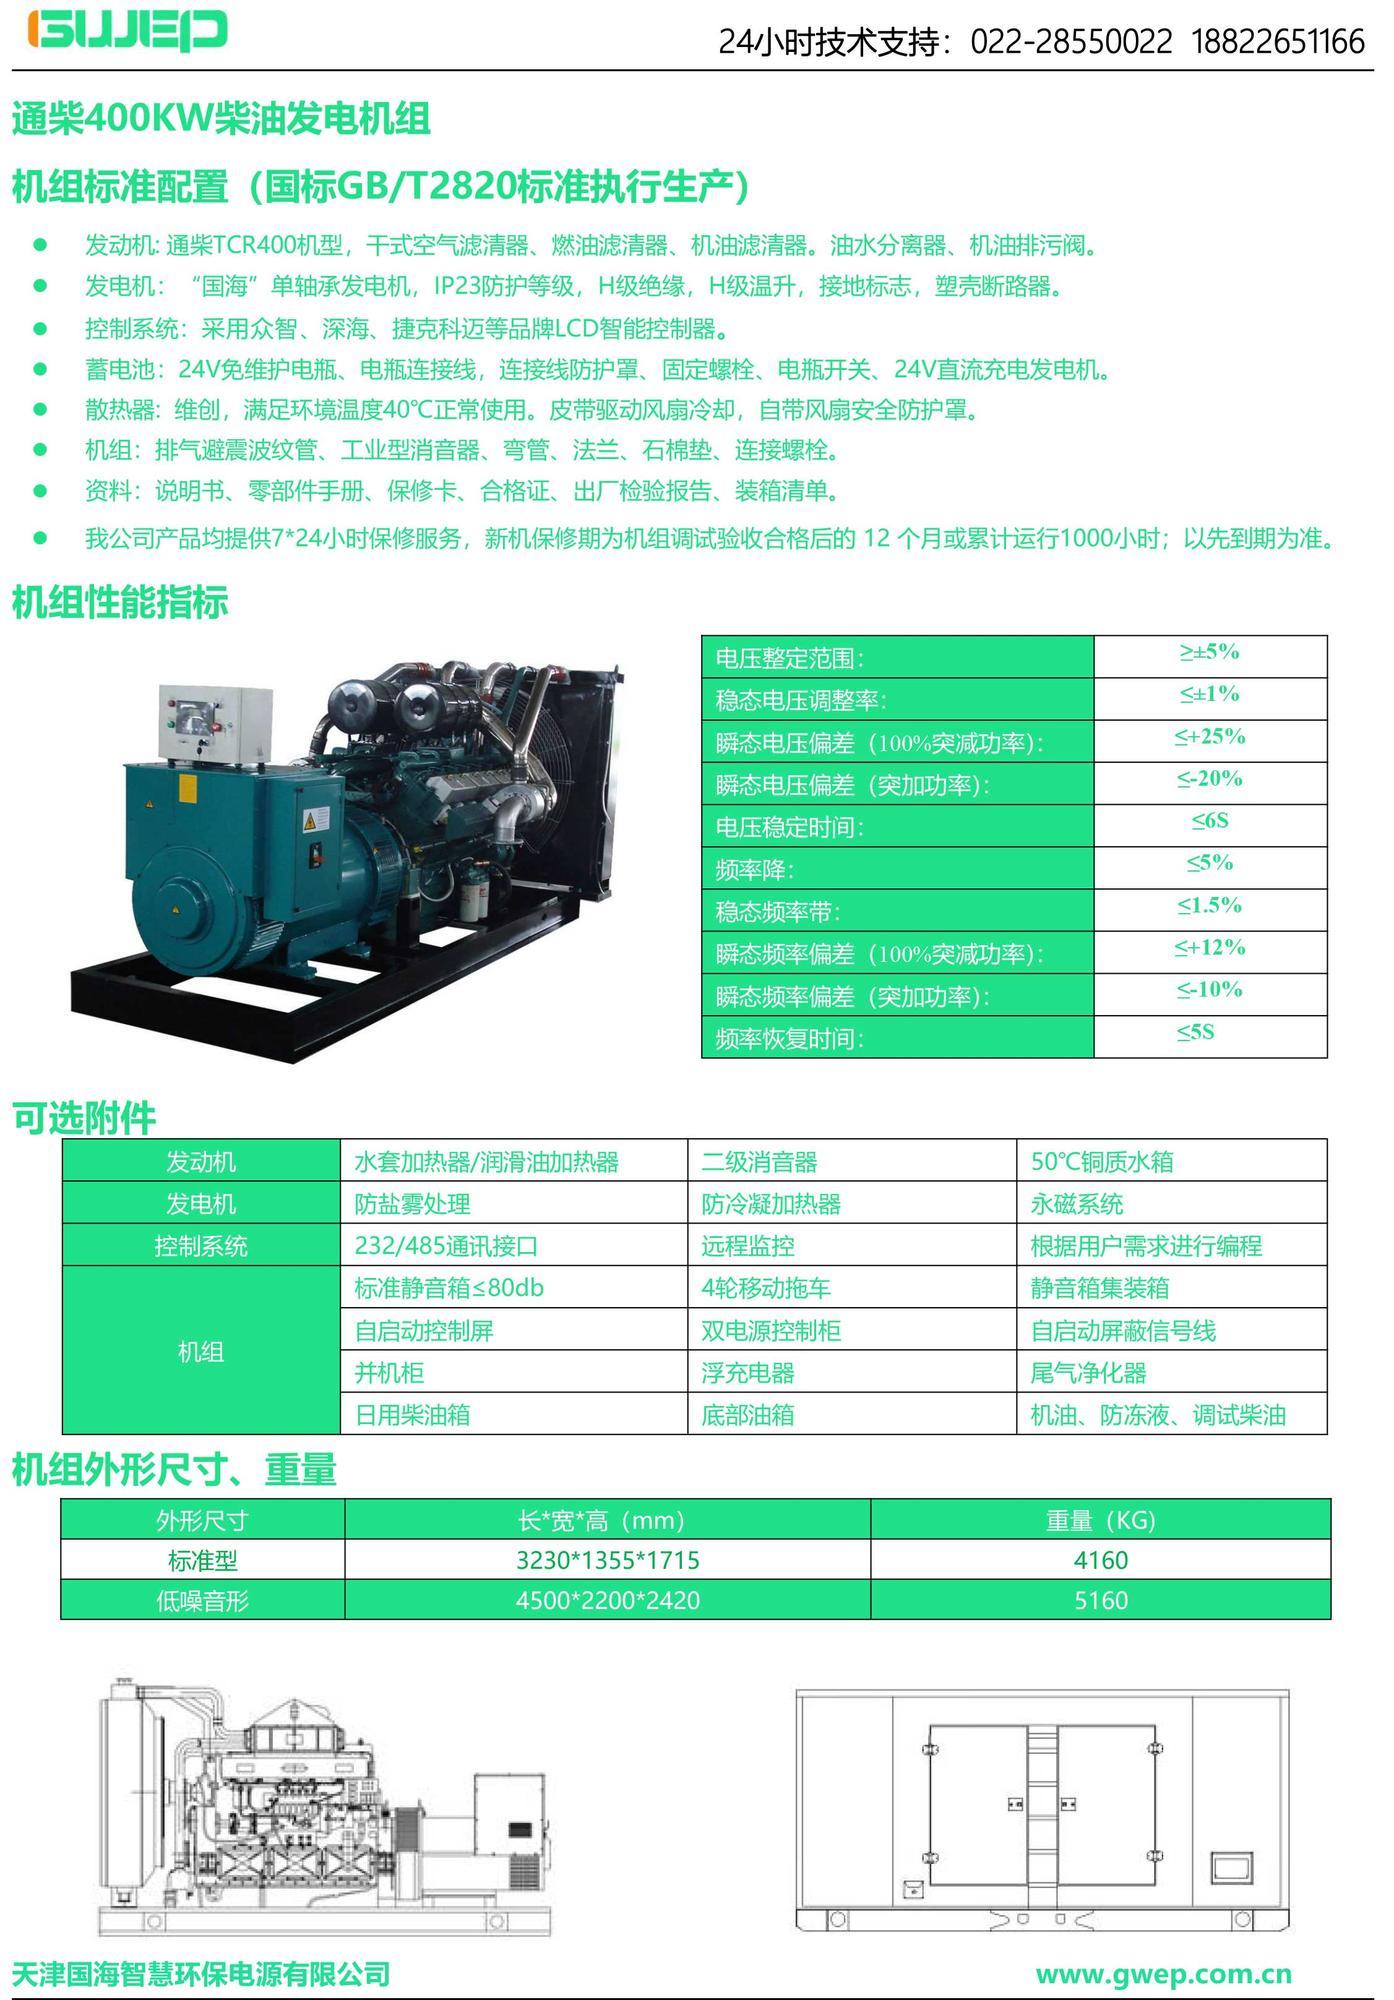 通柴400KW发电机组技术资料-1.jpg